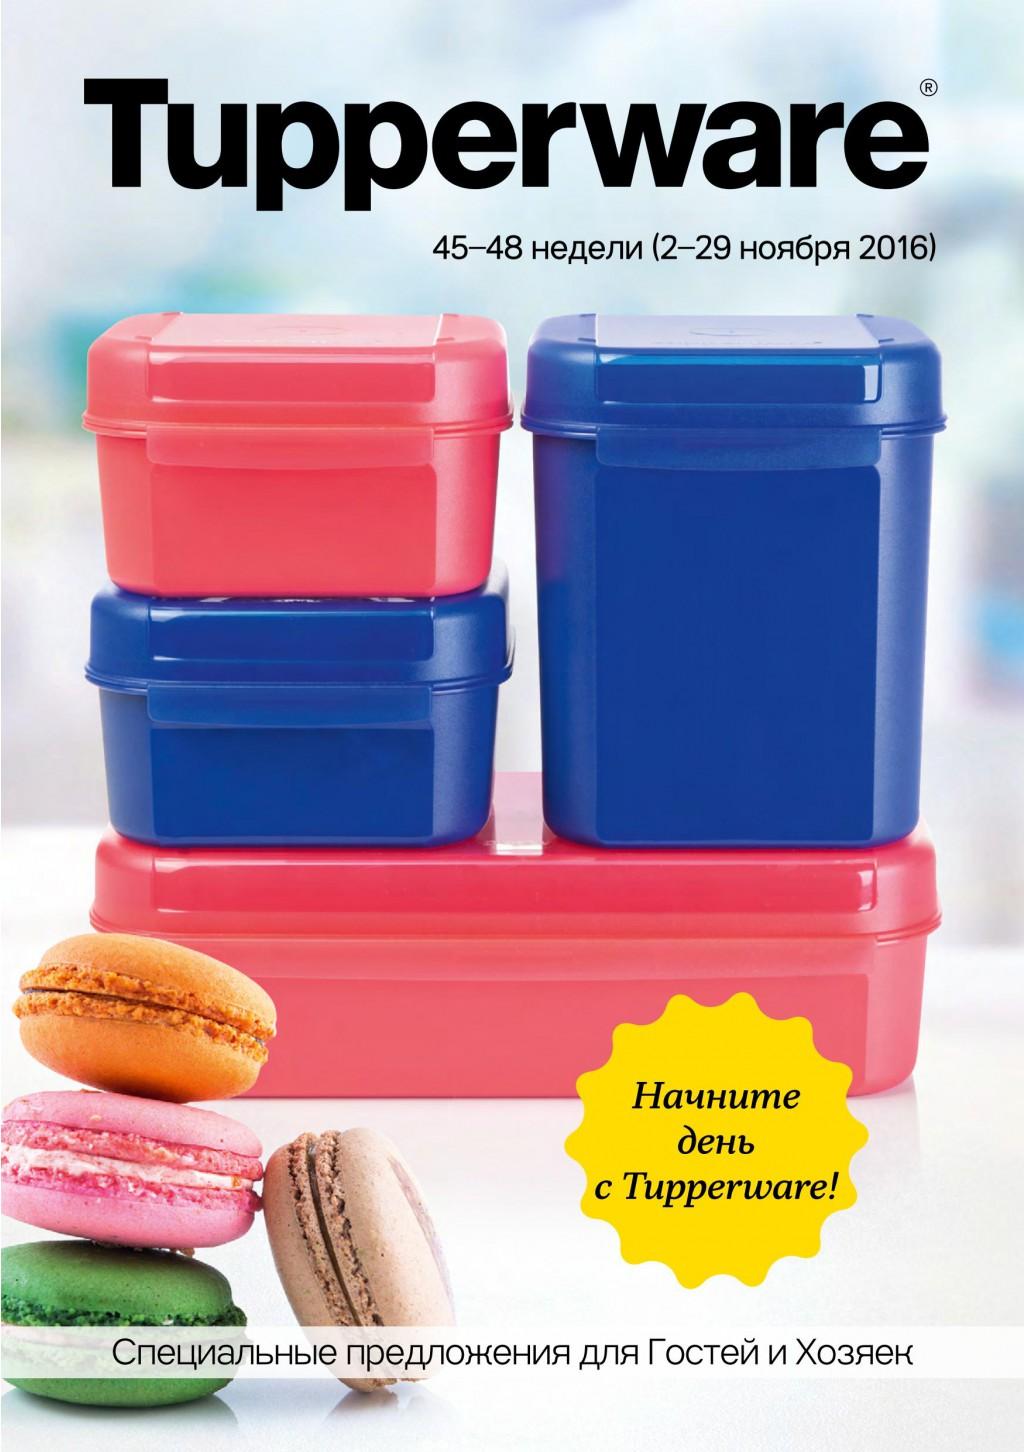 Сбор заказов.Tupperware - уникальная посуда для вашей кухни -27! Начните день с Tupperware!